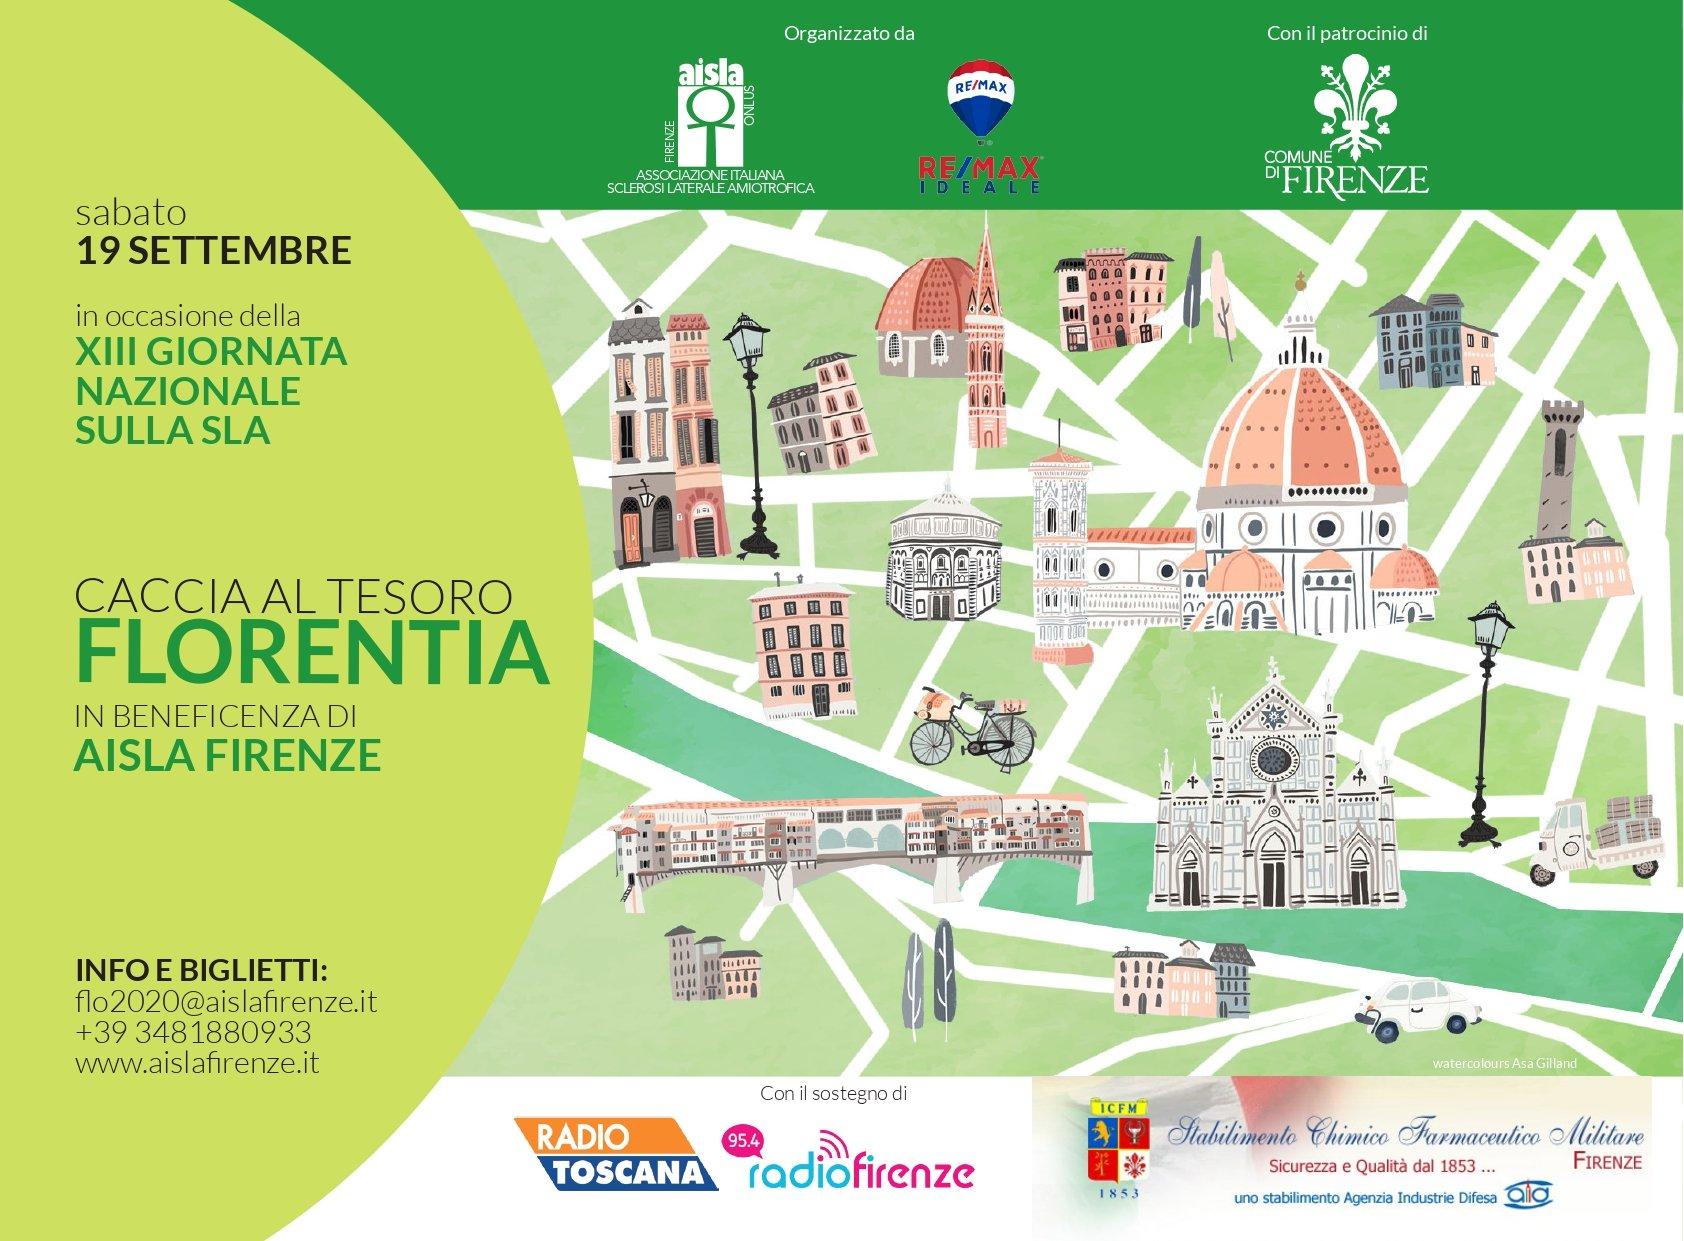 Caccia al Tesoro - Florentia 2020 locandina